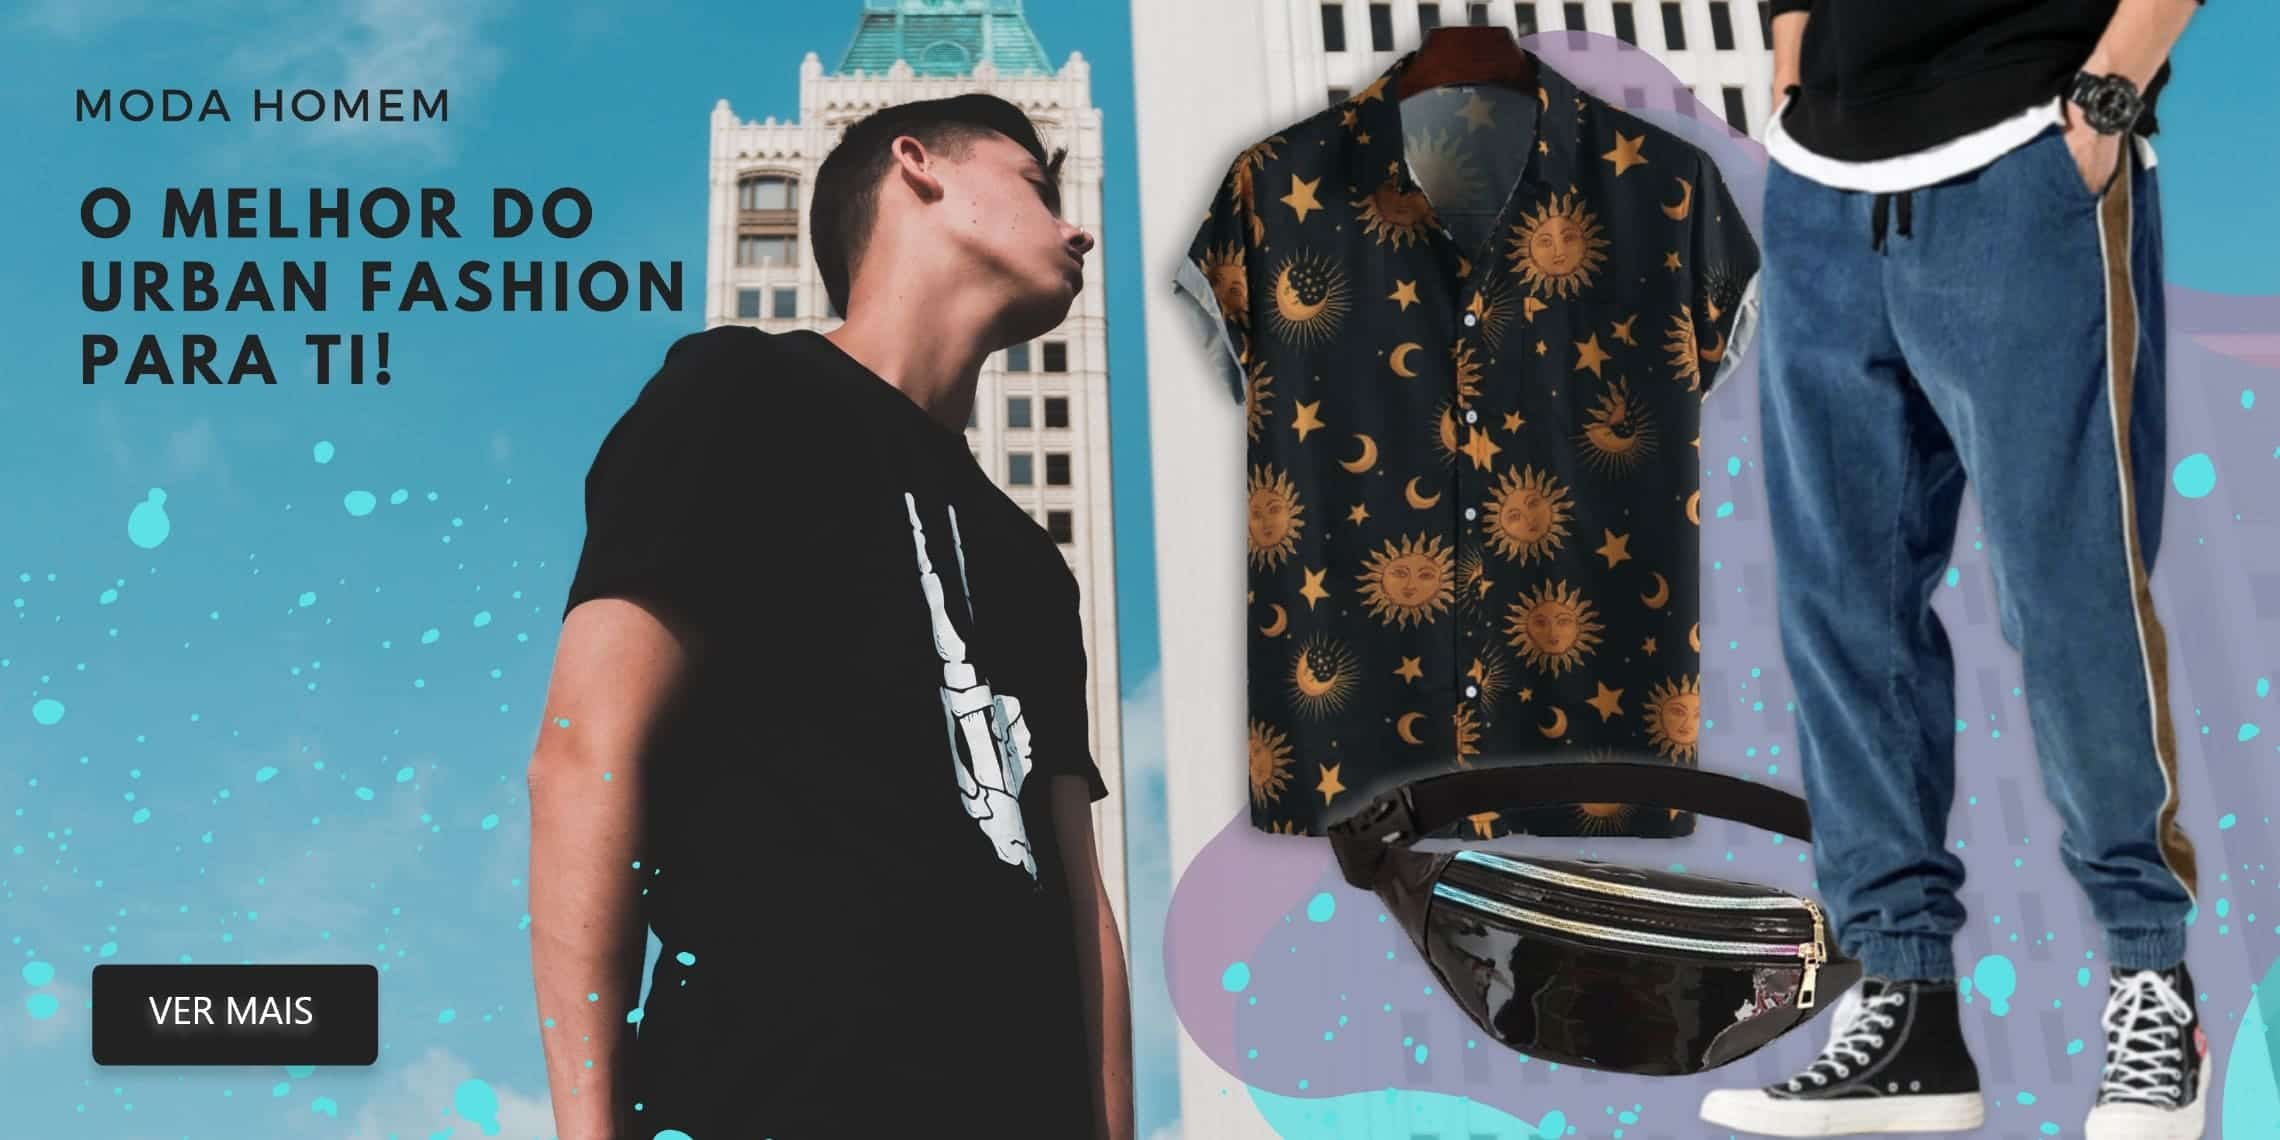 https://audaciouz.com/categoria-produto/vestuario-masculino-audaciouz-fashion-portugal/